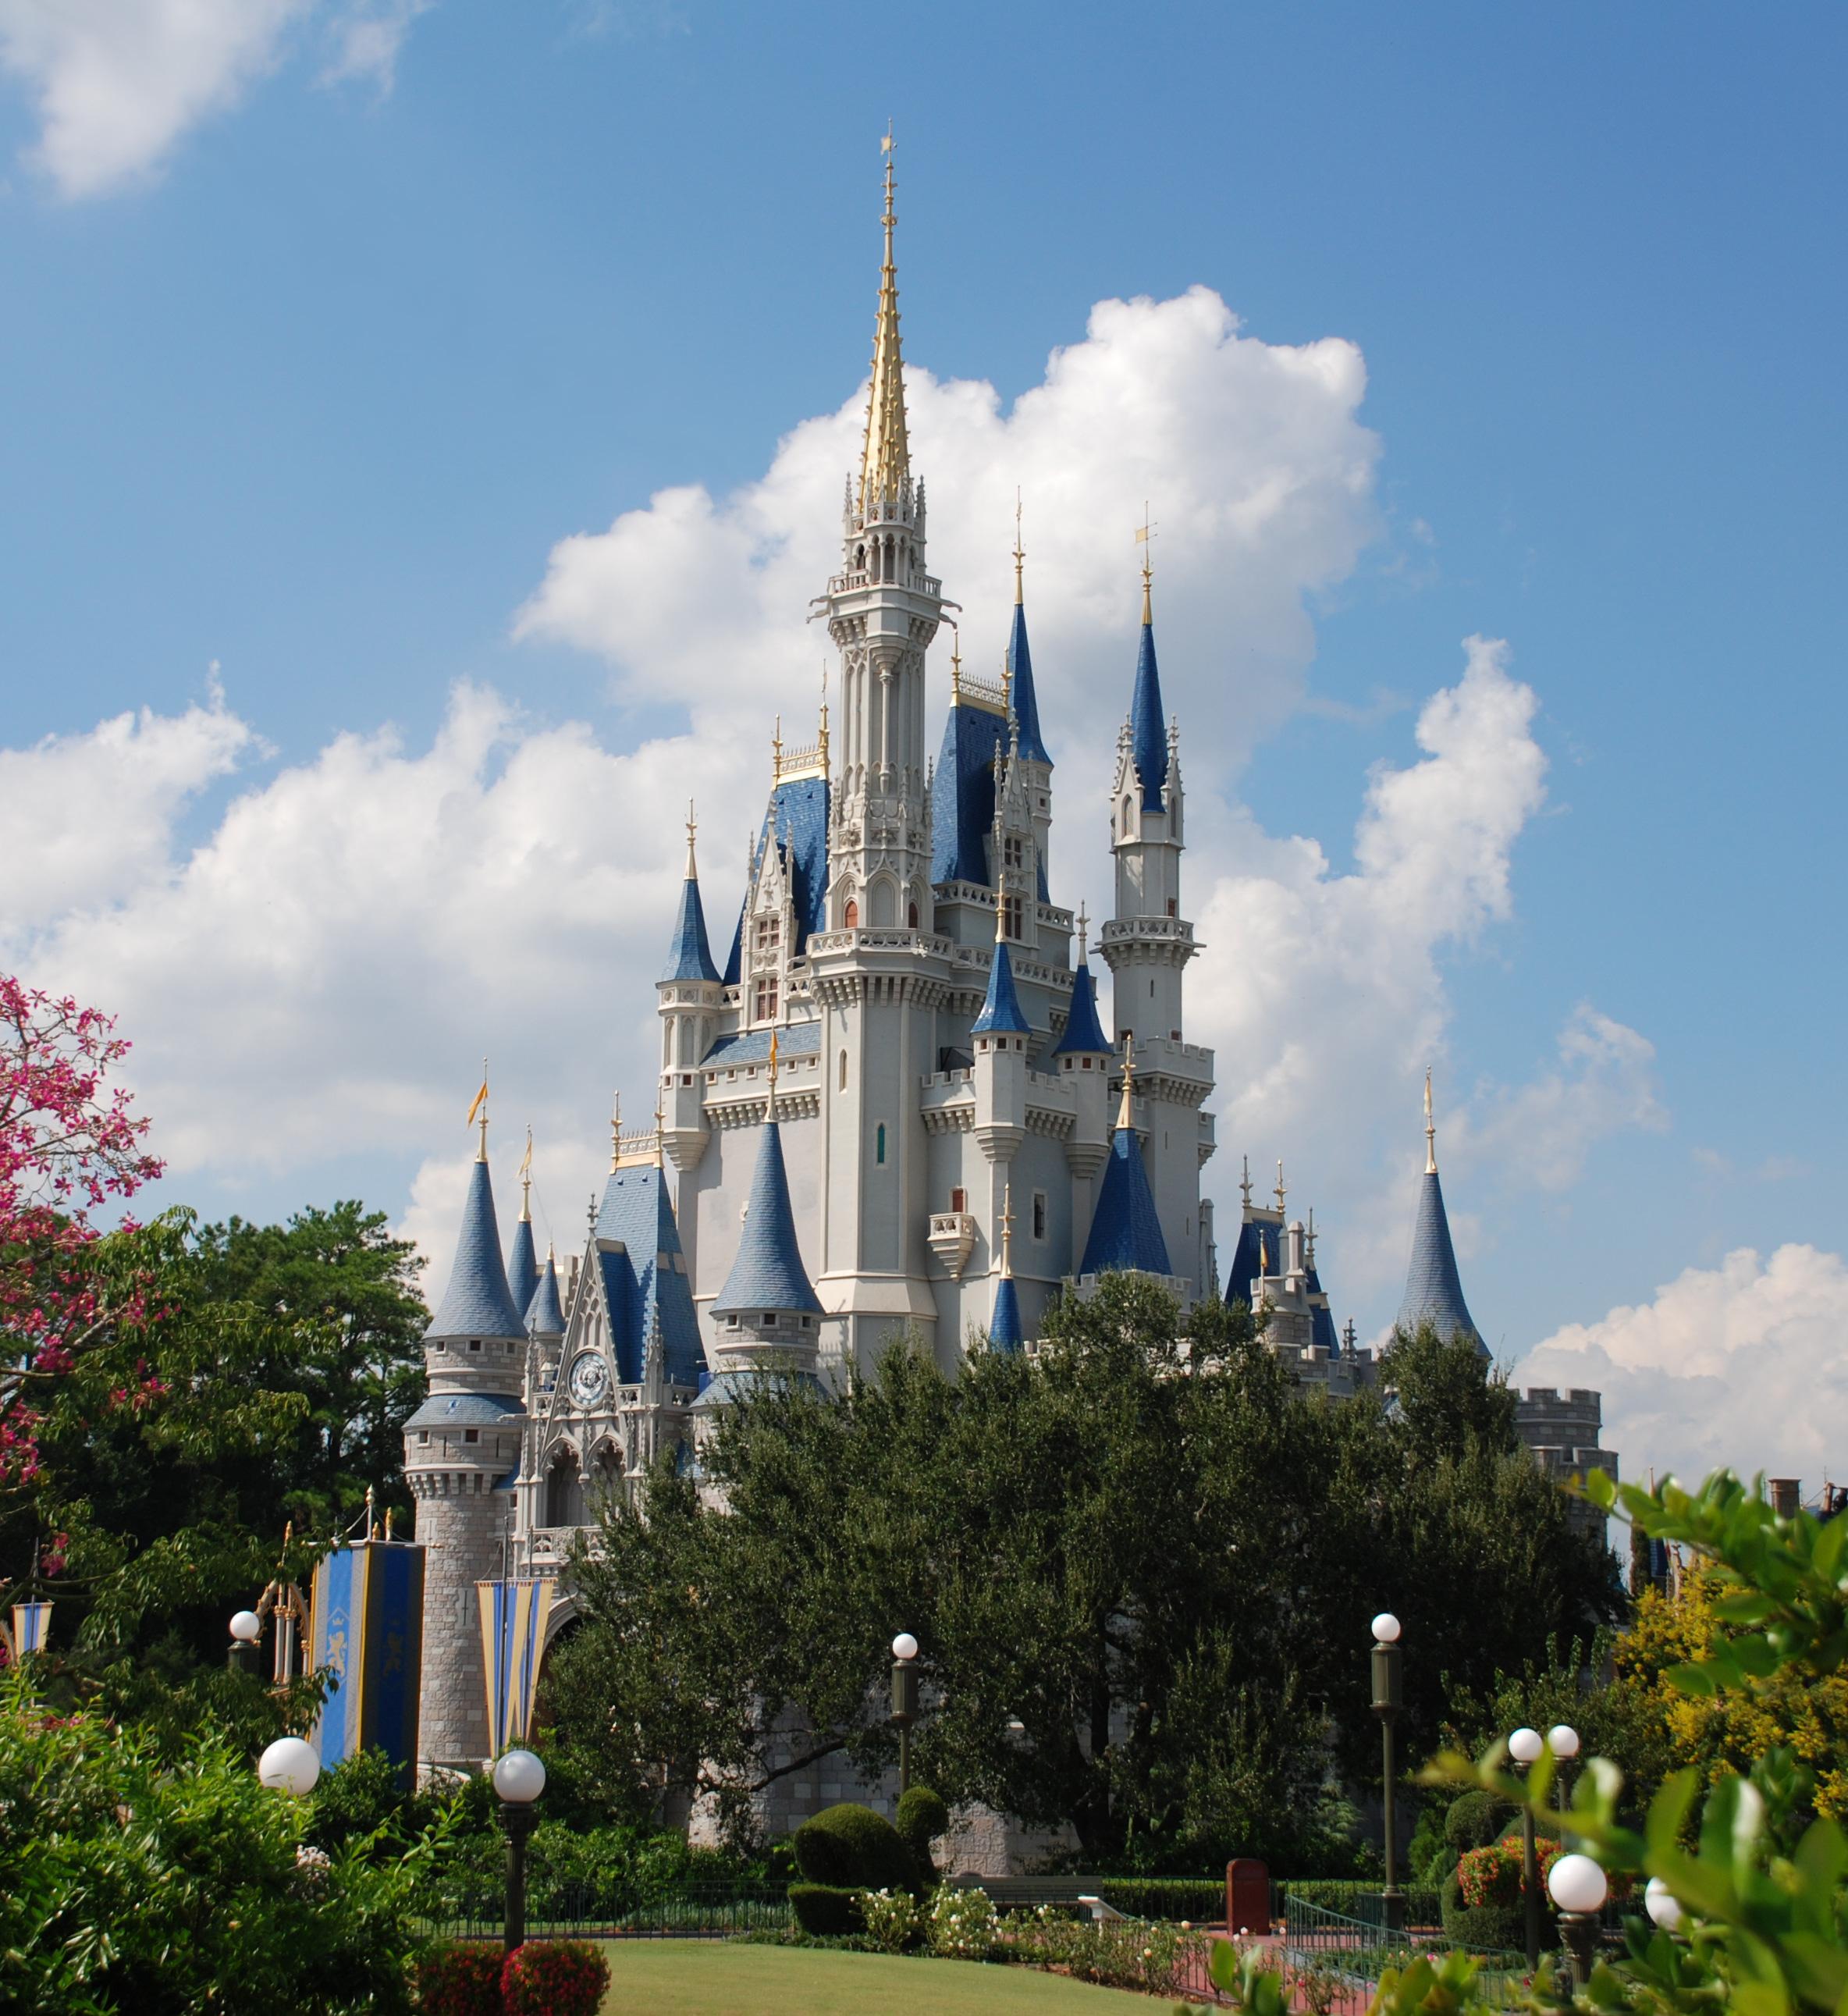 http://en.wikipedia.org/wiki/File:Cinderella_castle_day.jpg